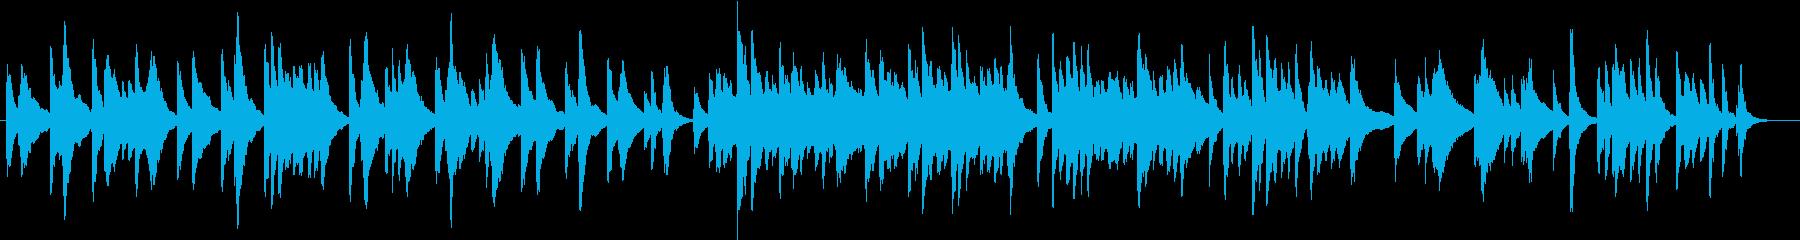 アメージンググレースのゆったりハープ演奏の再生済みの波形